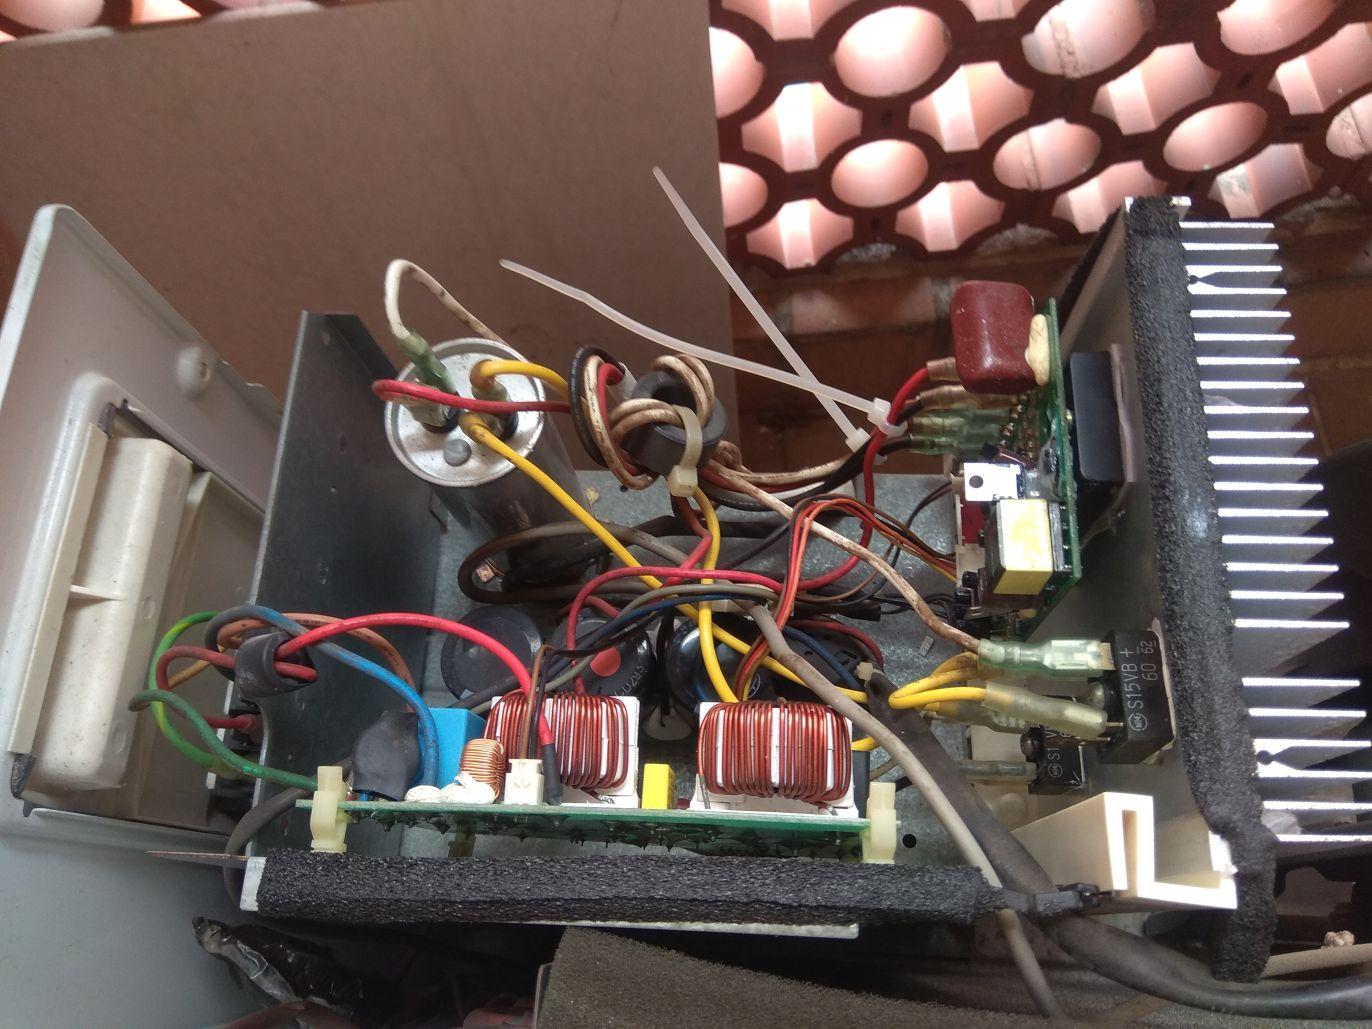 高動維修: 聲寶 分離式變頻冷氣 AU-K25D AM-K25D 不冷 外機不動 通訊不良故障